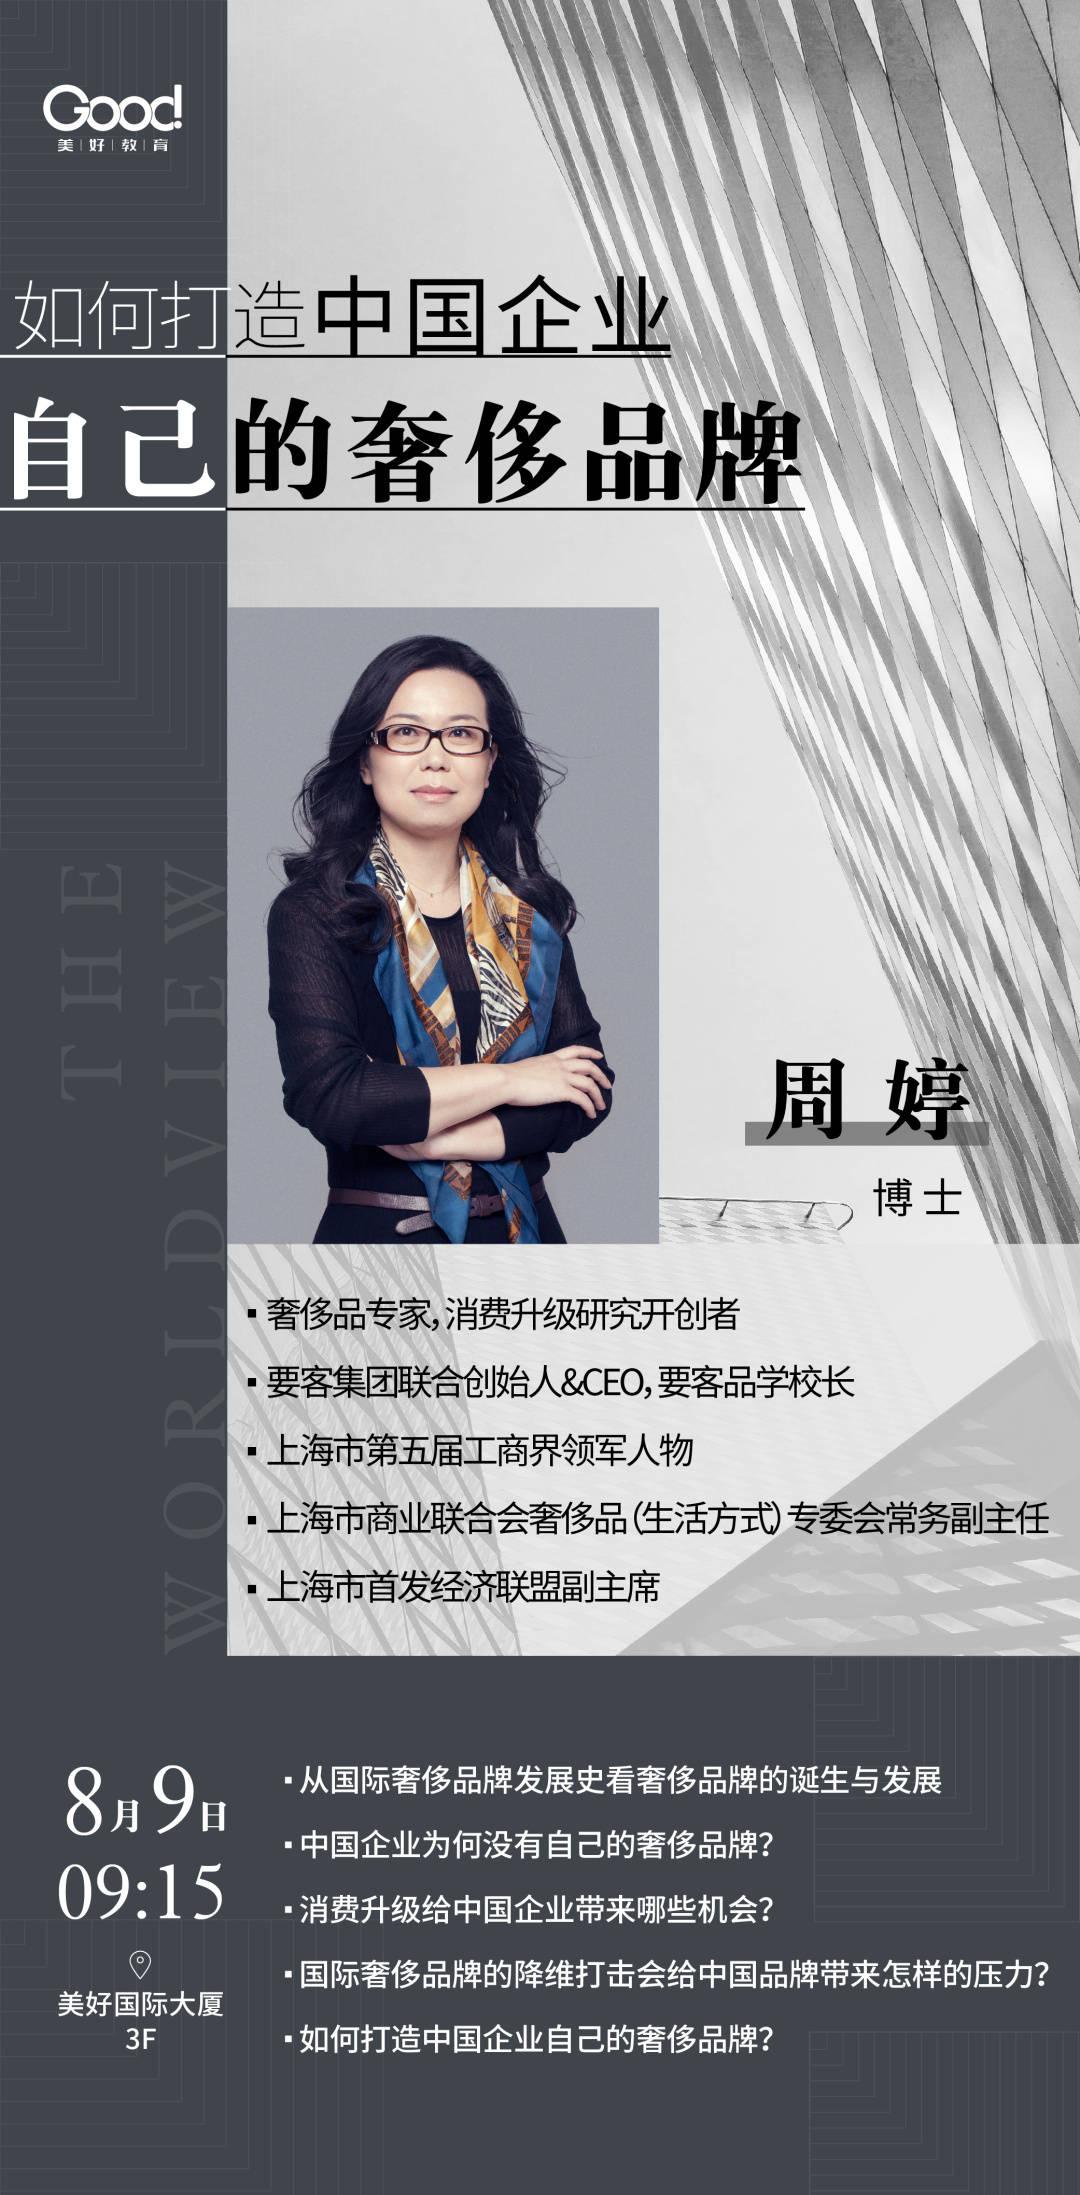 在奢侈品牌的前世今生中找到焕活的能量,打造中国企业自己的奢侈品牌